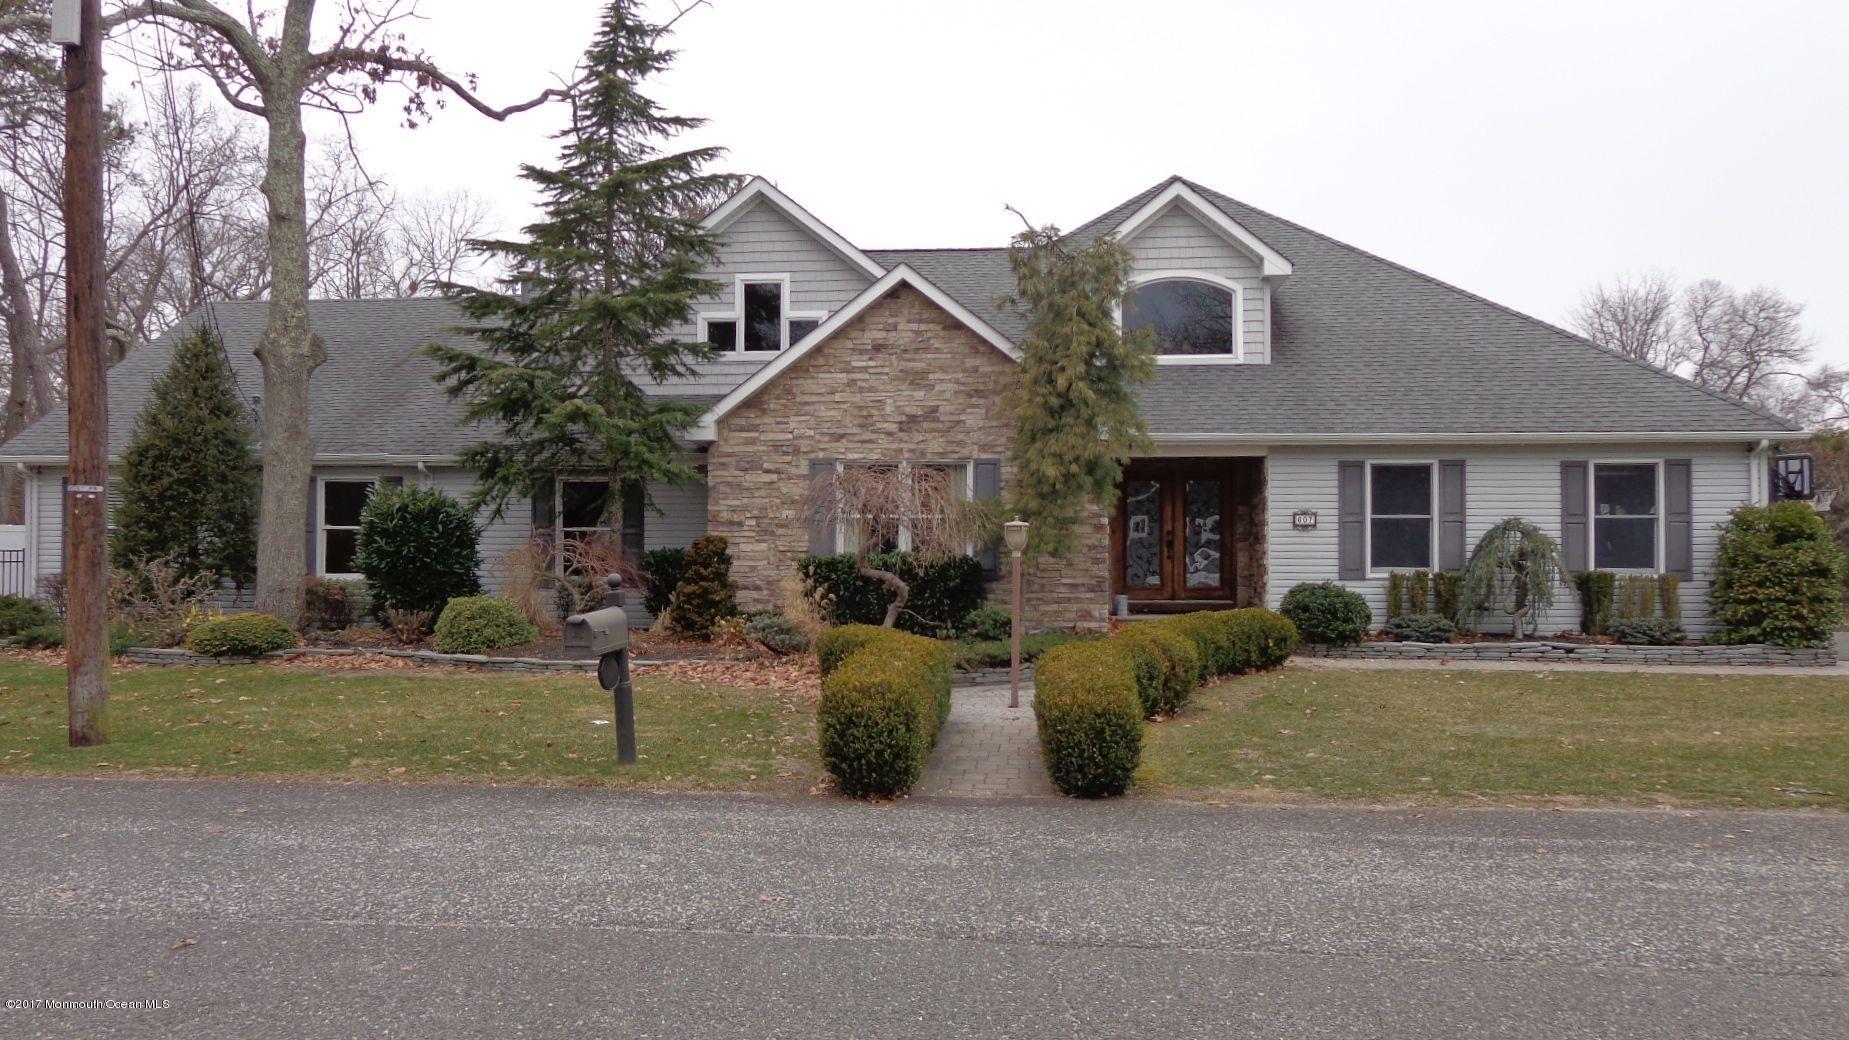 独户住宅 为 销售 在 607 Cedar Avenue Pine Beach, 08741 美国